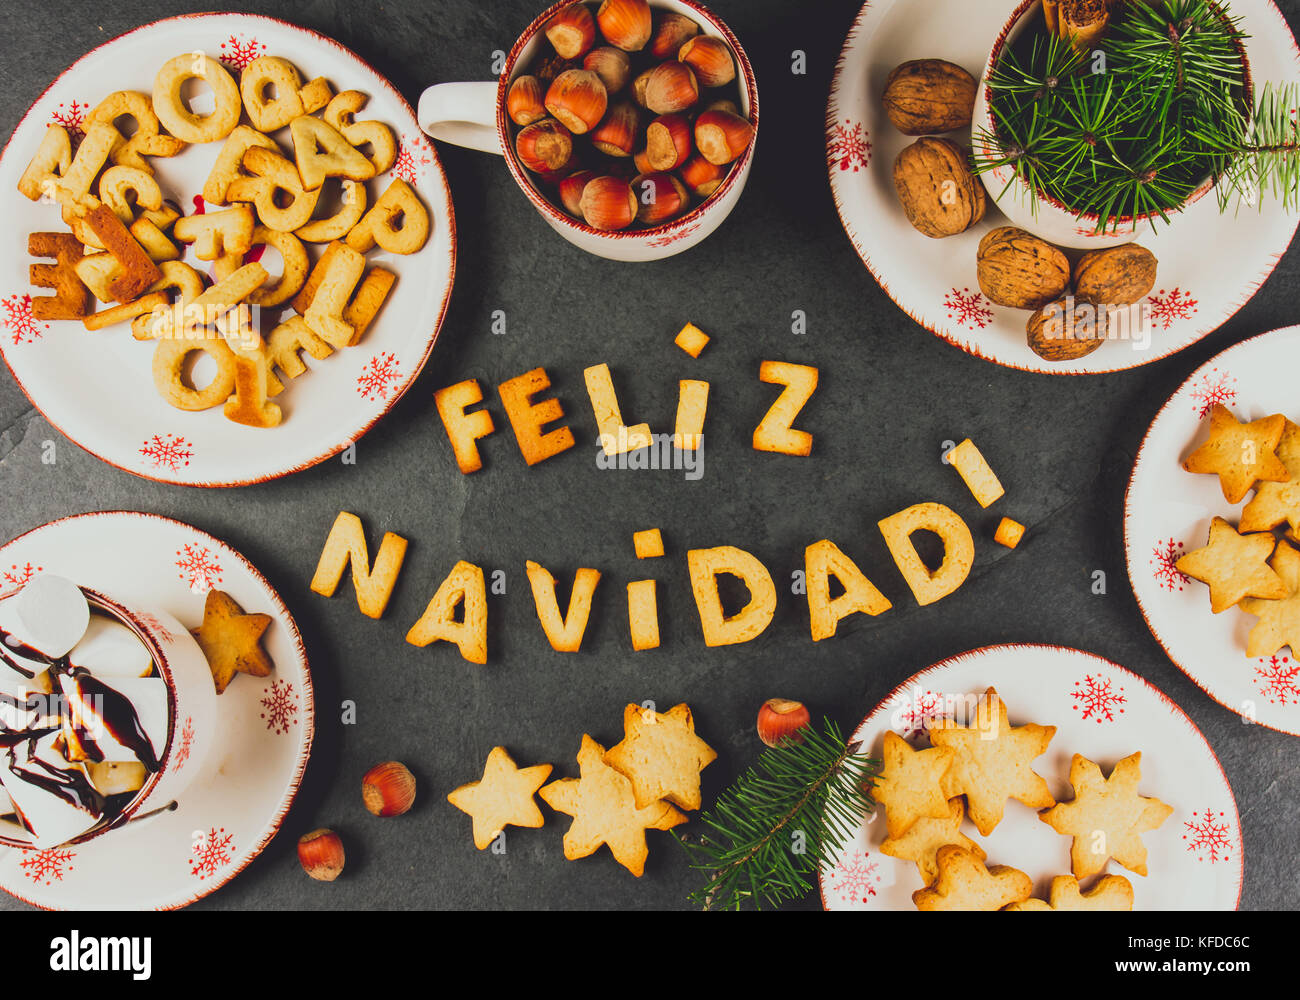 Feliz Navidad Cookies Words Merry Christmas En Spanish With Baked